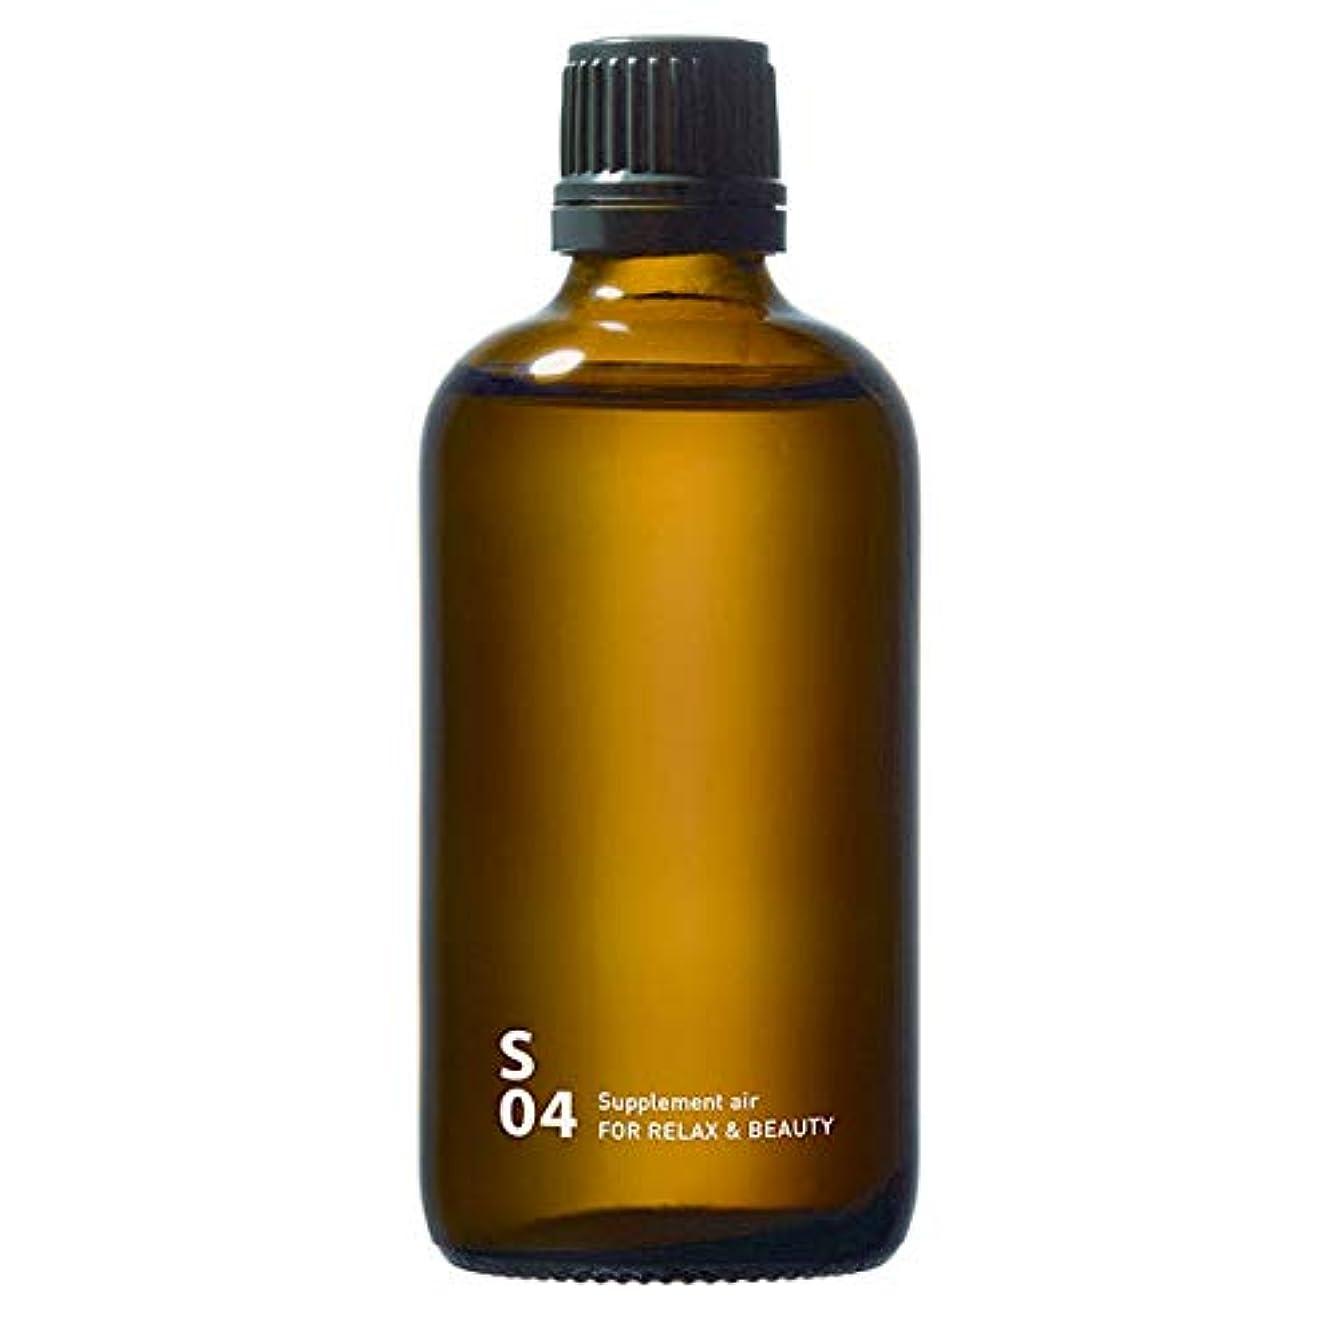 荒涼とした視聴者寺院S04 FOR RELAX & BEAUTY piezo aroma oil 100ml